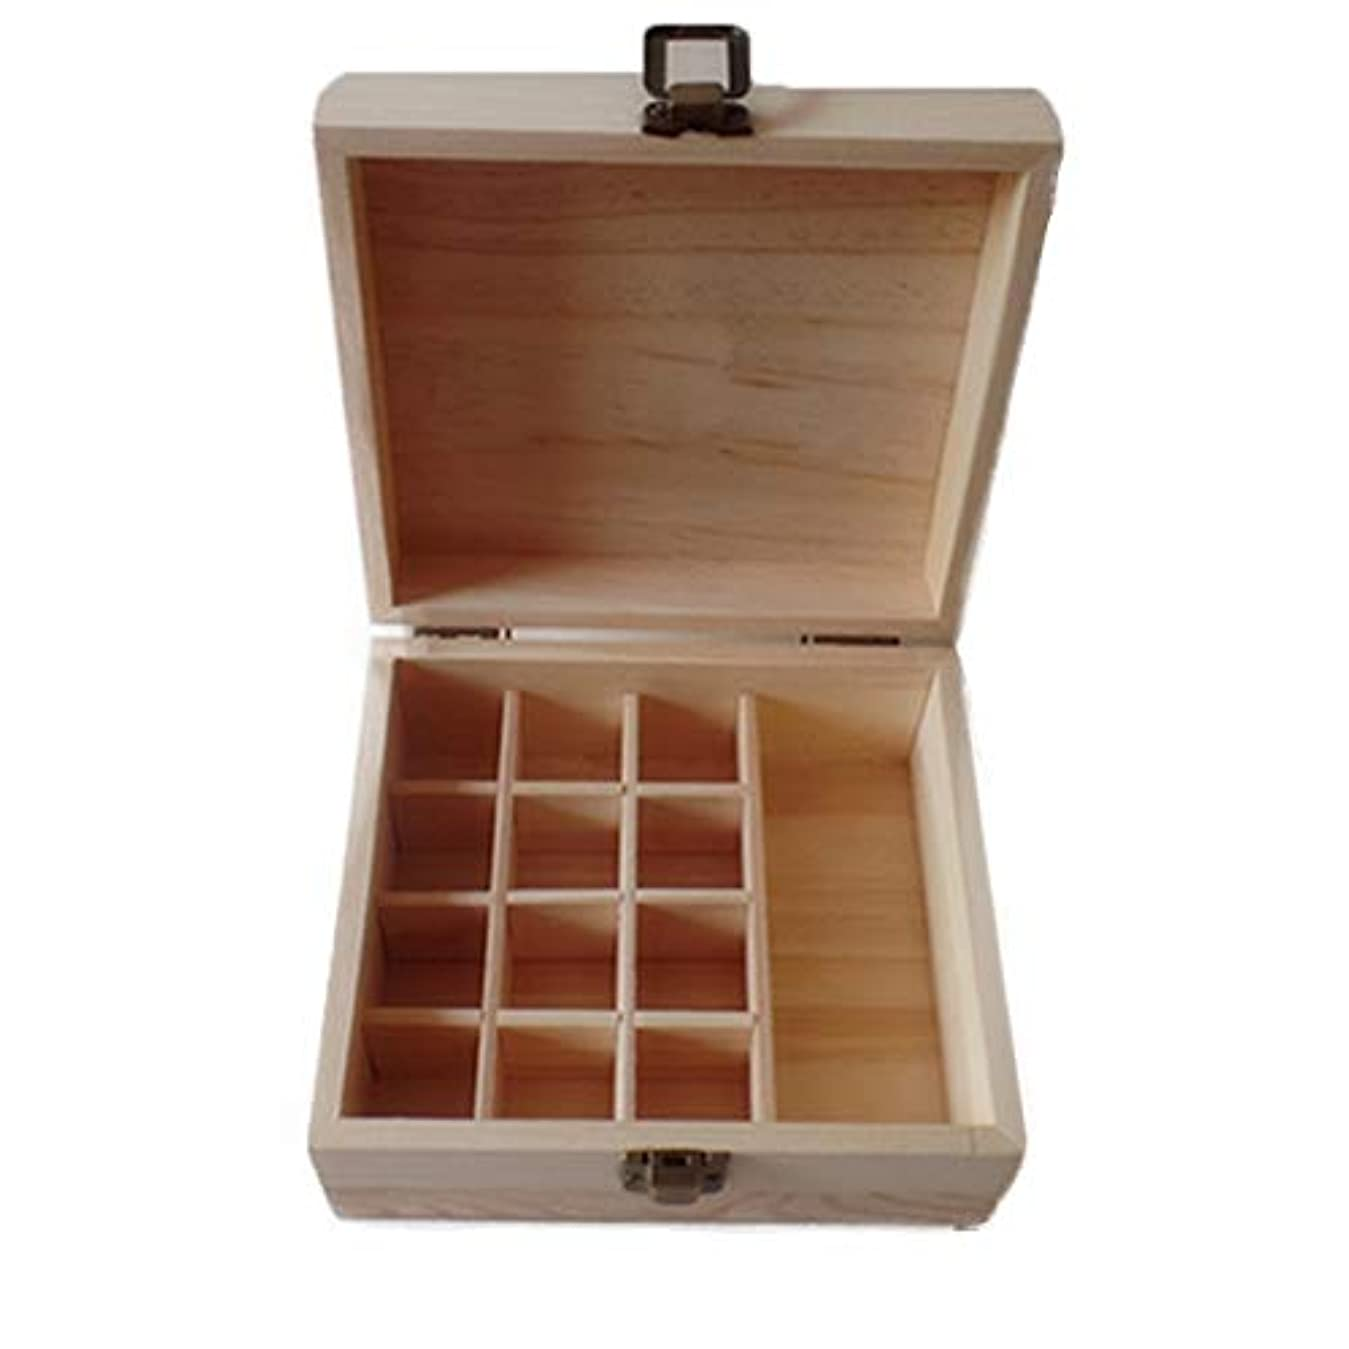 旅客対話喜びディスプレイのプレゼンテーションのために完璧な13スロットエッセンシャルオイルストレージ木箱エッセンシャルオイル木製ケース アロマセラピー製品 (色 : Natural, サイズ : 15X16.9X8CM)